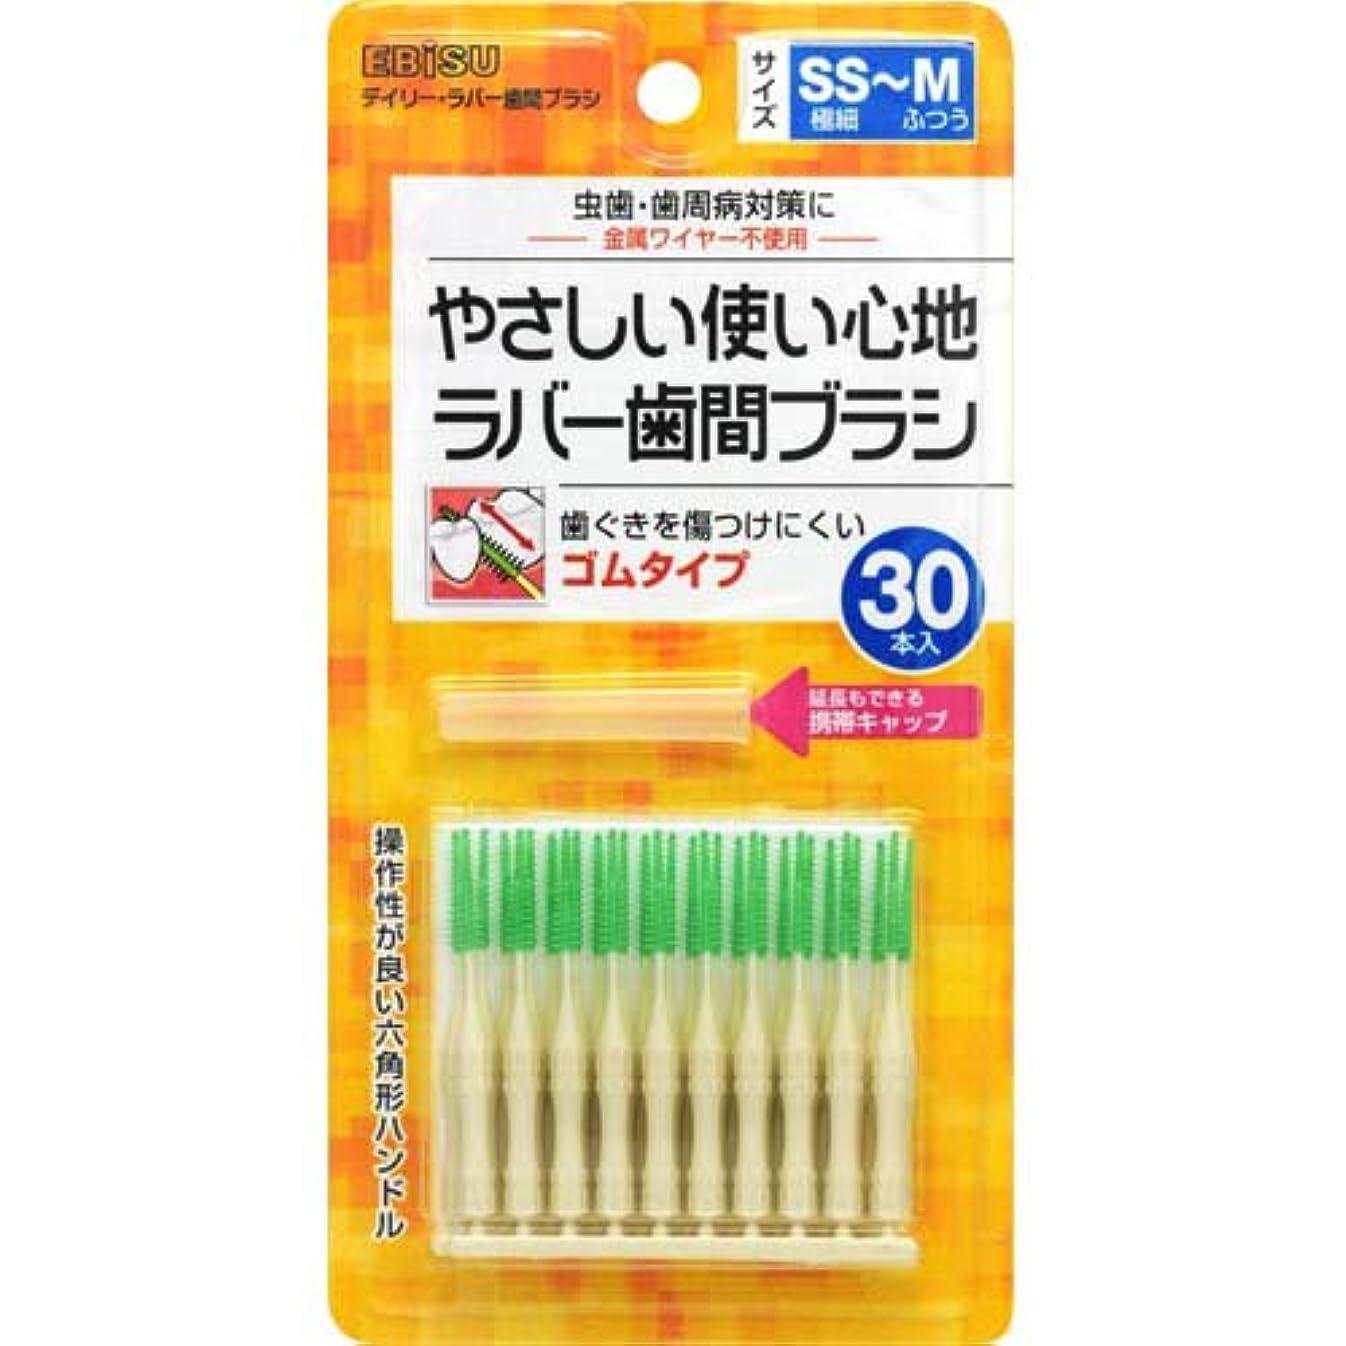 間欠化合物アシスタントデイリーラバー歯間ブラシ SS-M 30本入